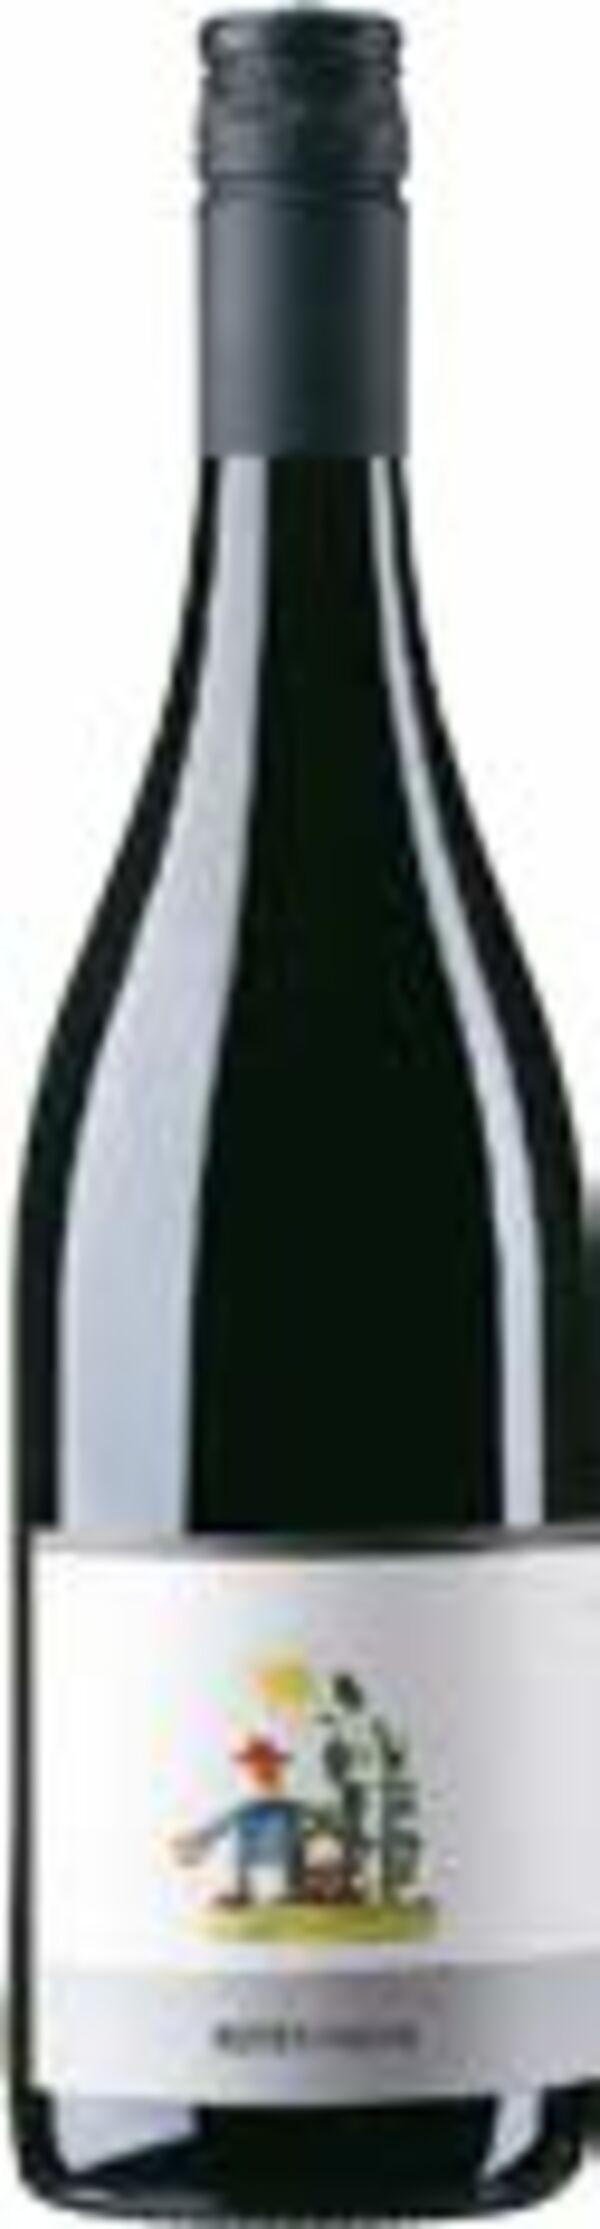 Bioland Weinbau der Lebenshilfe Bio-Riesling oder Bio Roter Faden